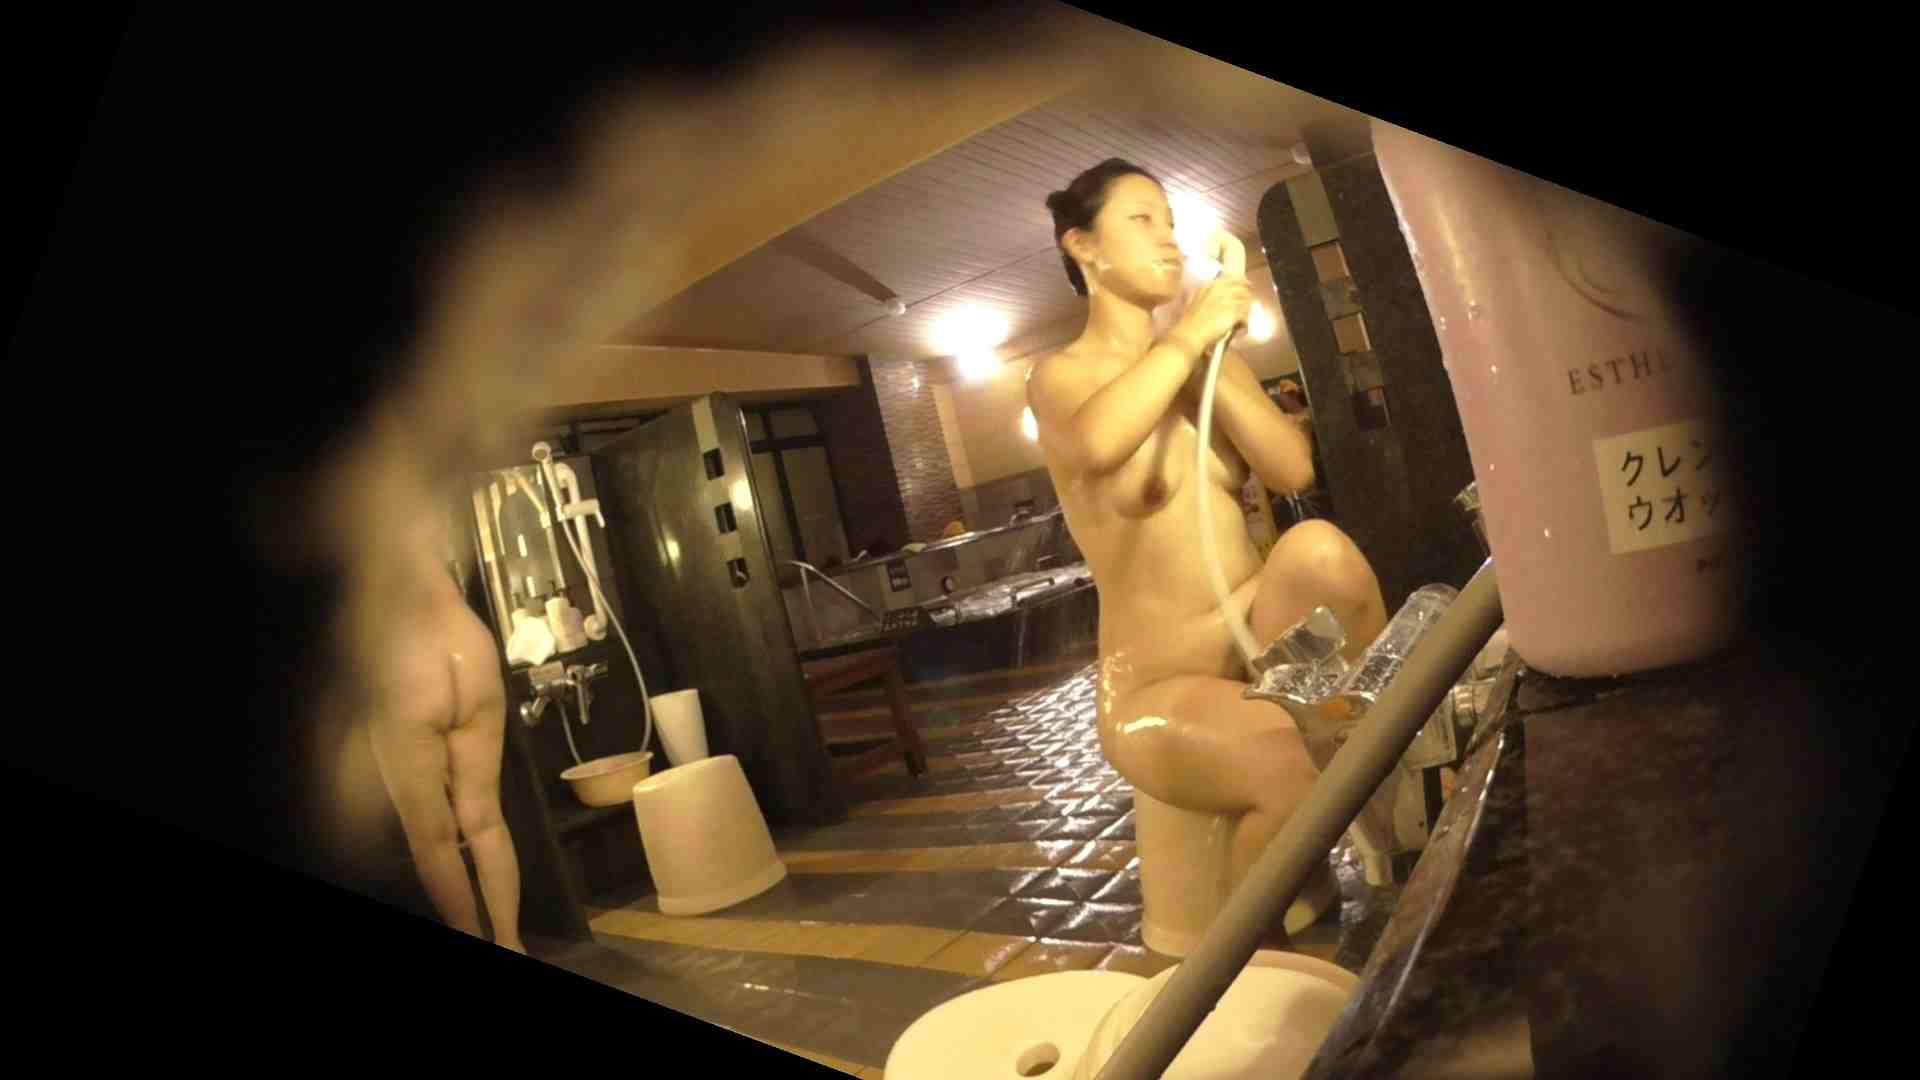 お風呂HEROの助手 vol.04 OLのボディ | 0  58PIX 43